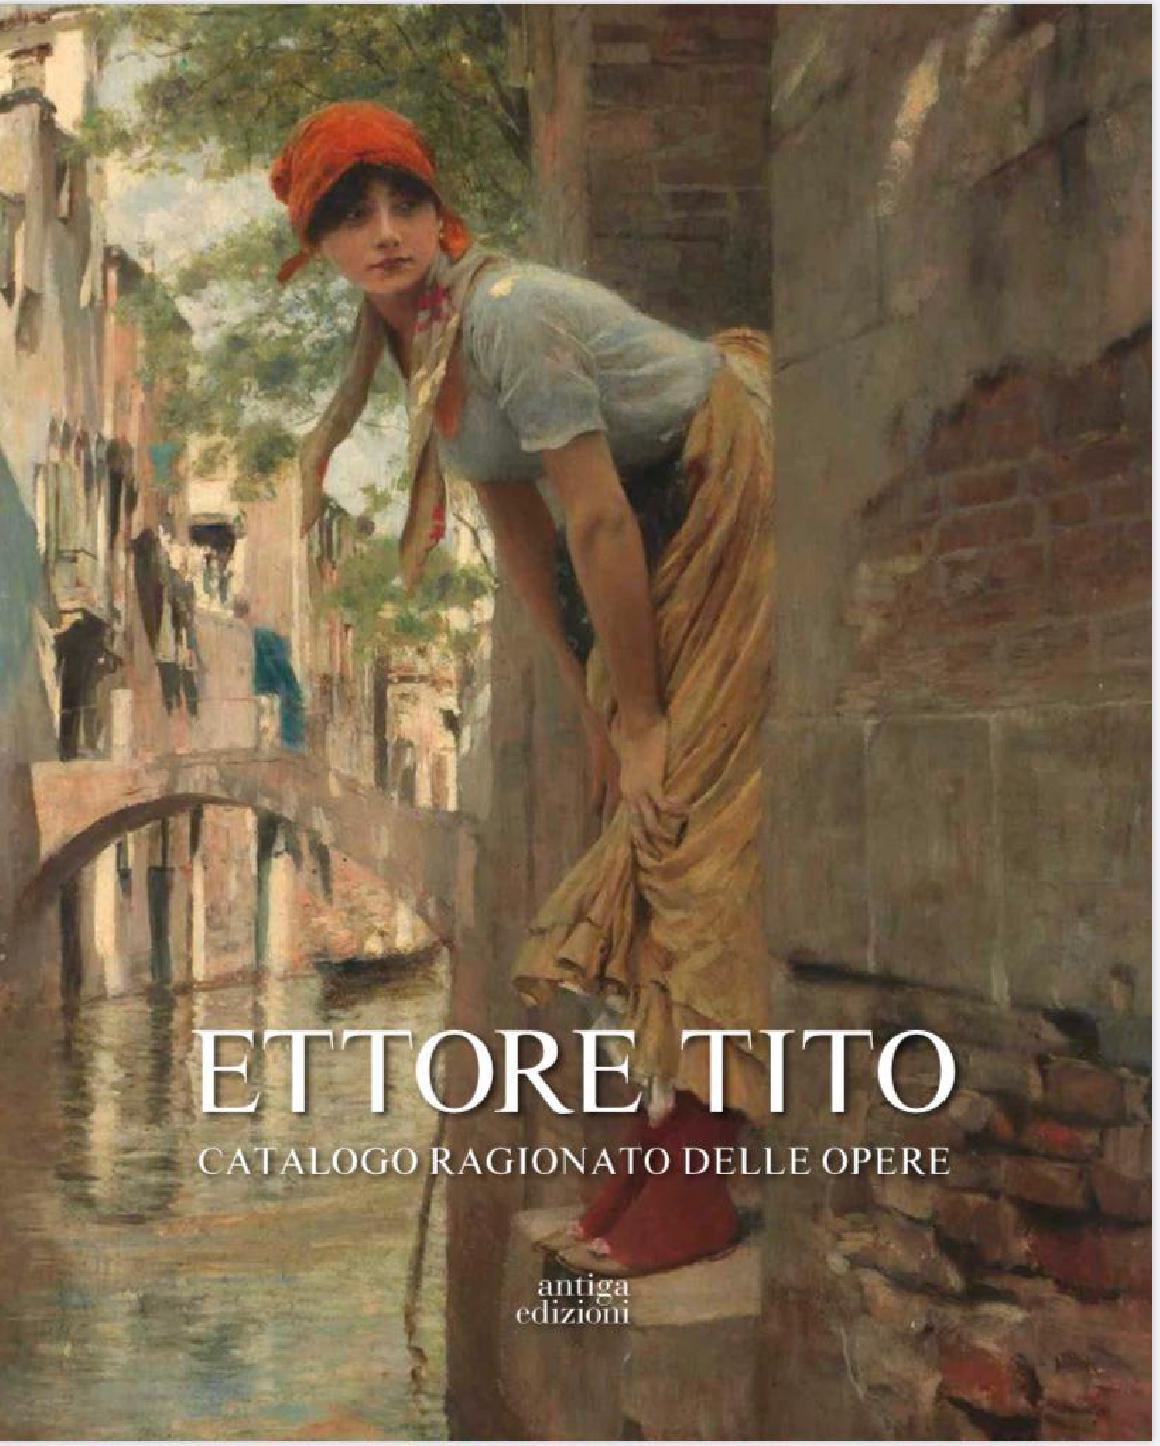 ETTORE TITO - Catalogo ragionato delle opere